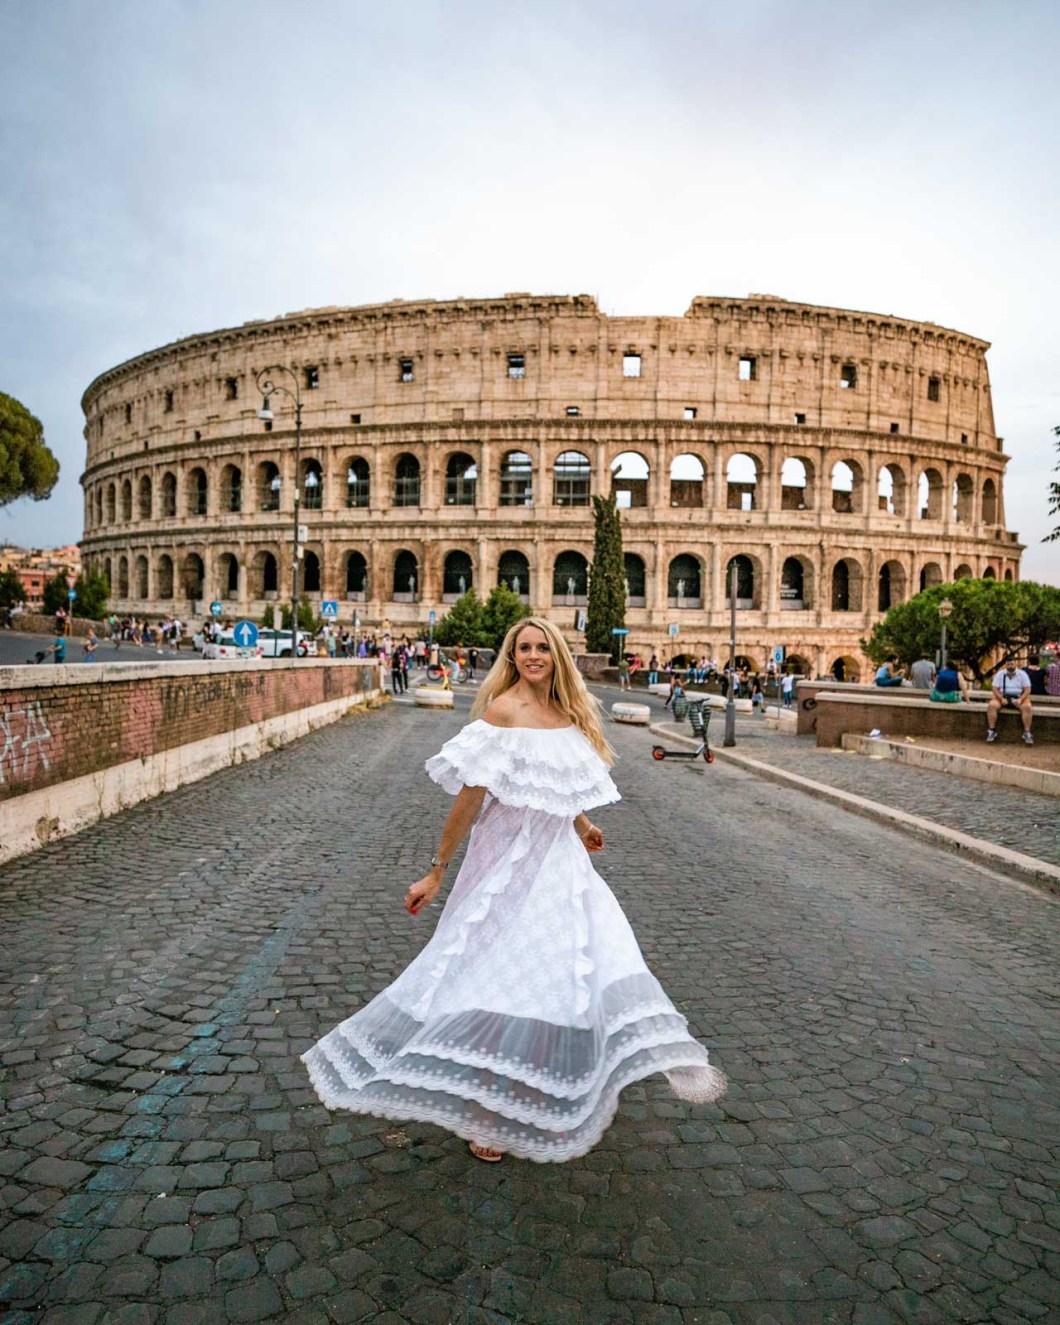 The Colosseum from Via Vittorino da Feltre in Rome